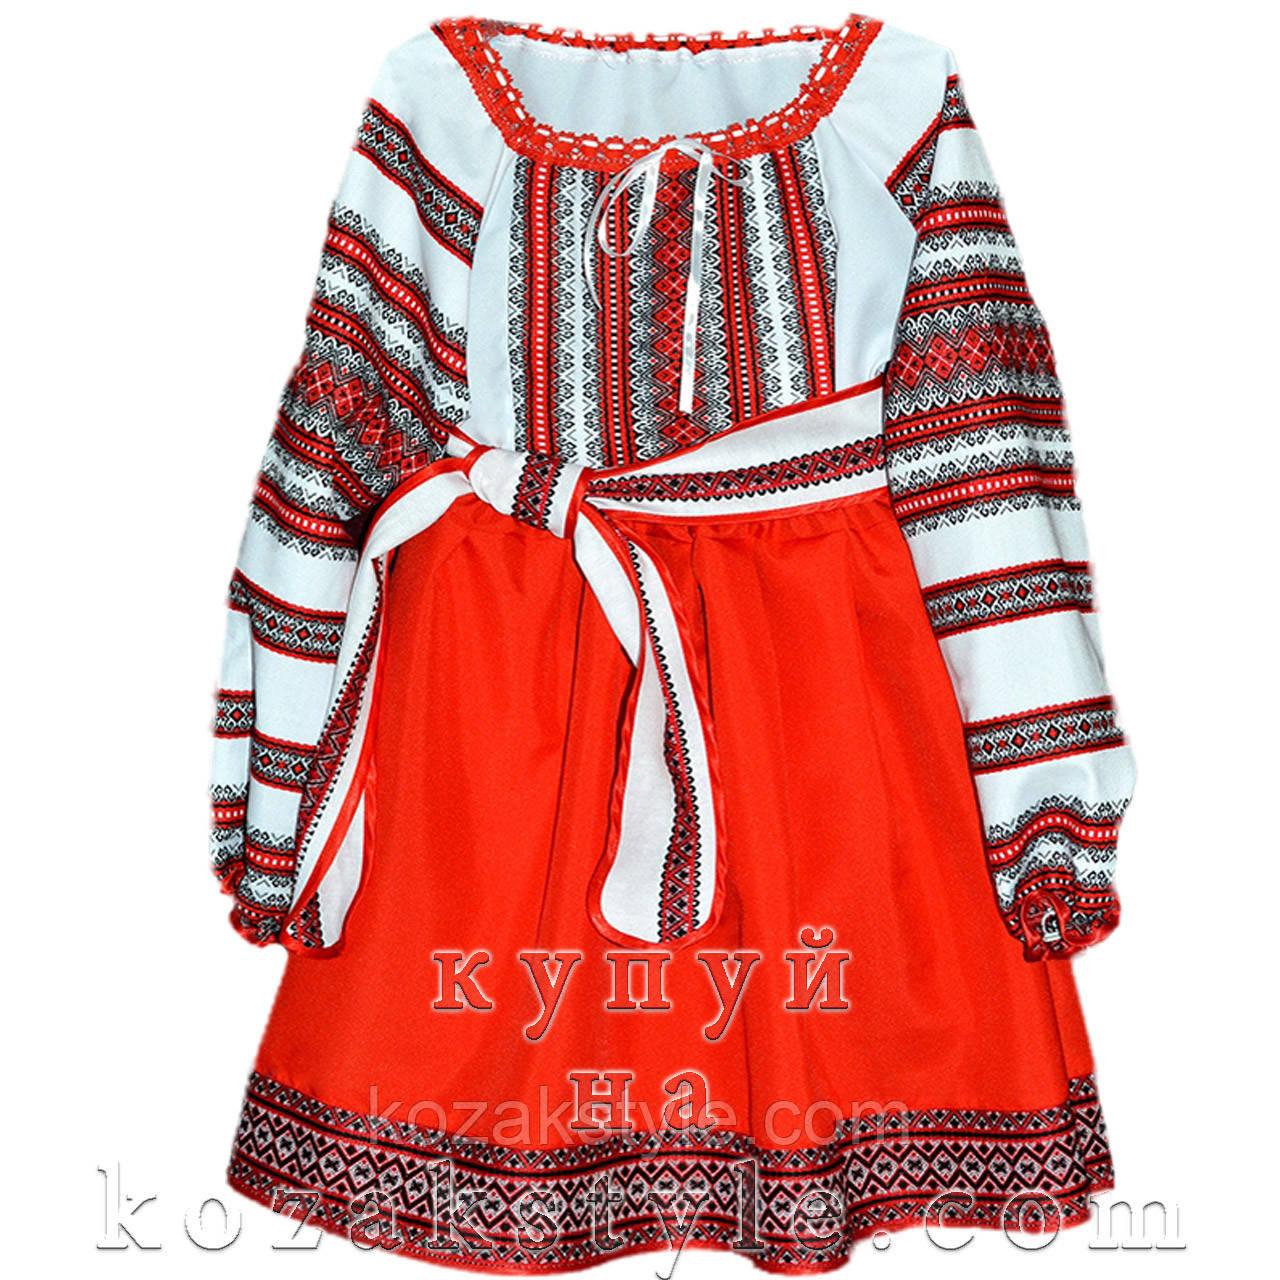 """Український костюм """"Орнамент"""" 1-10 років"""